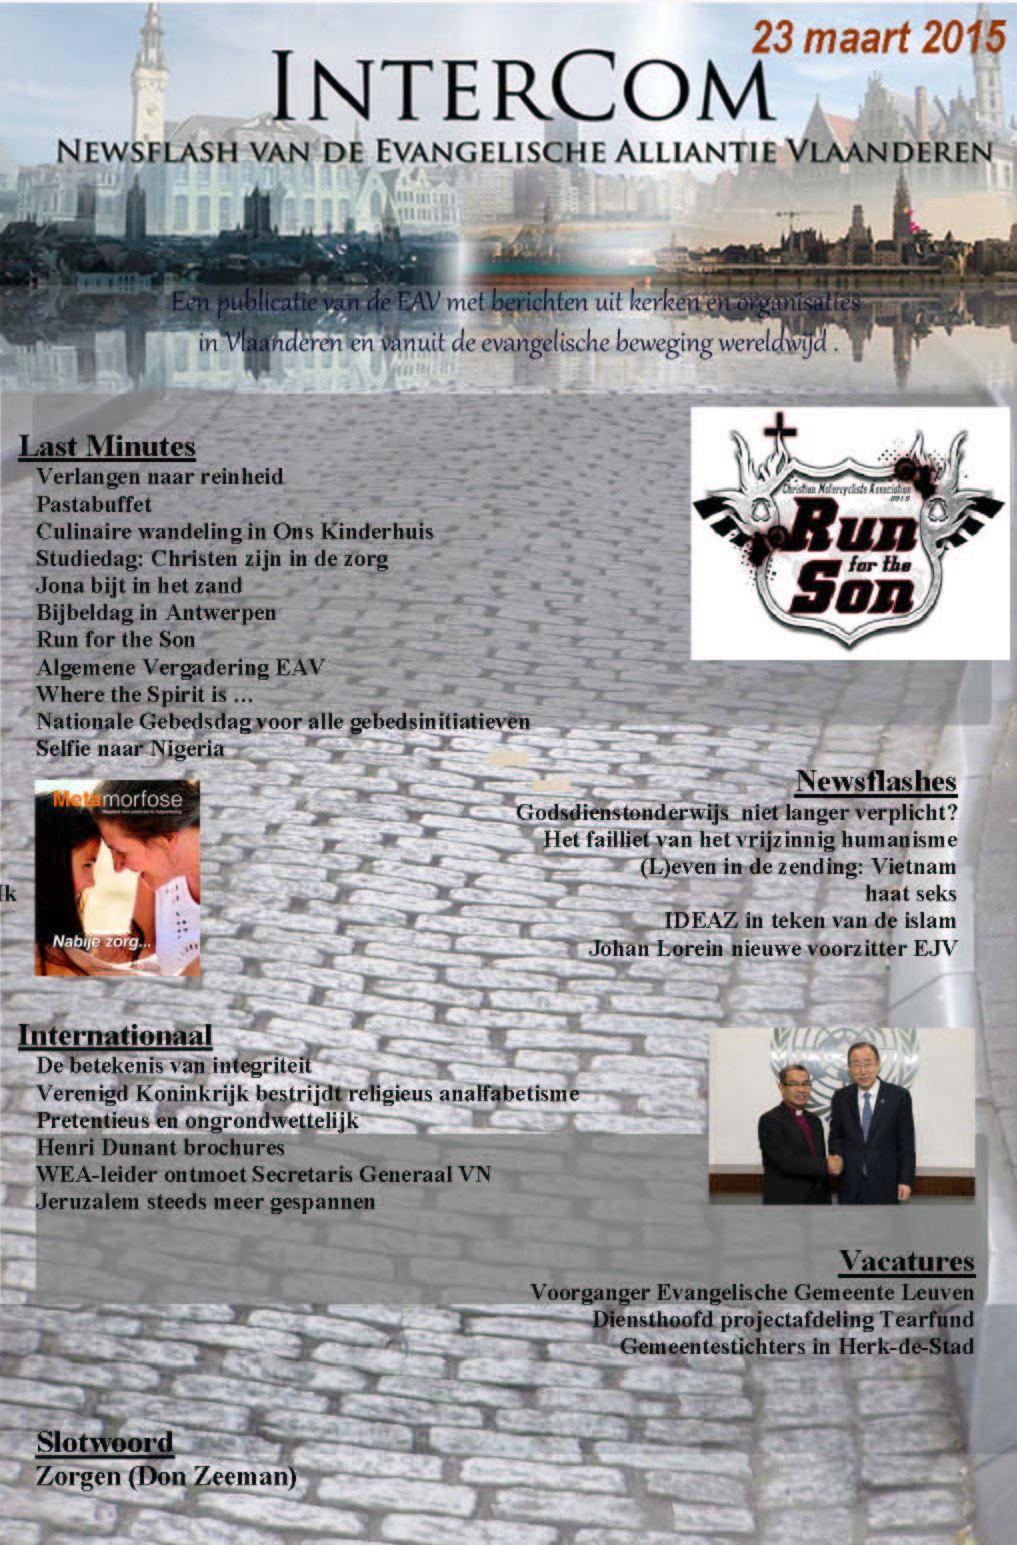 InterCom150323-omslag